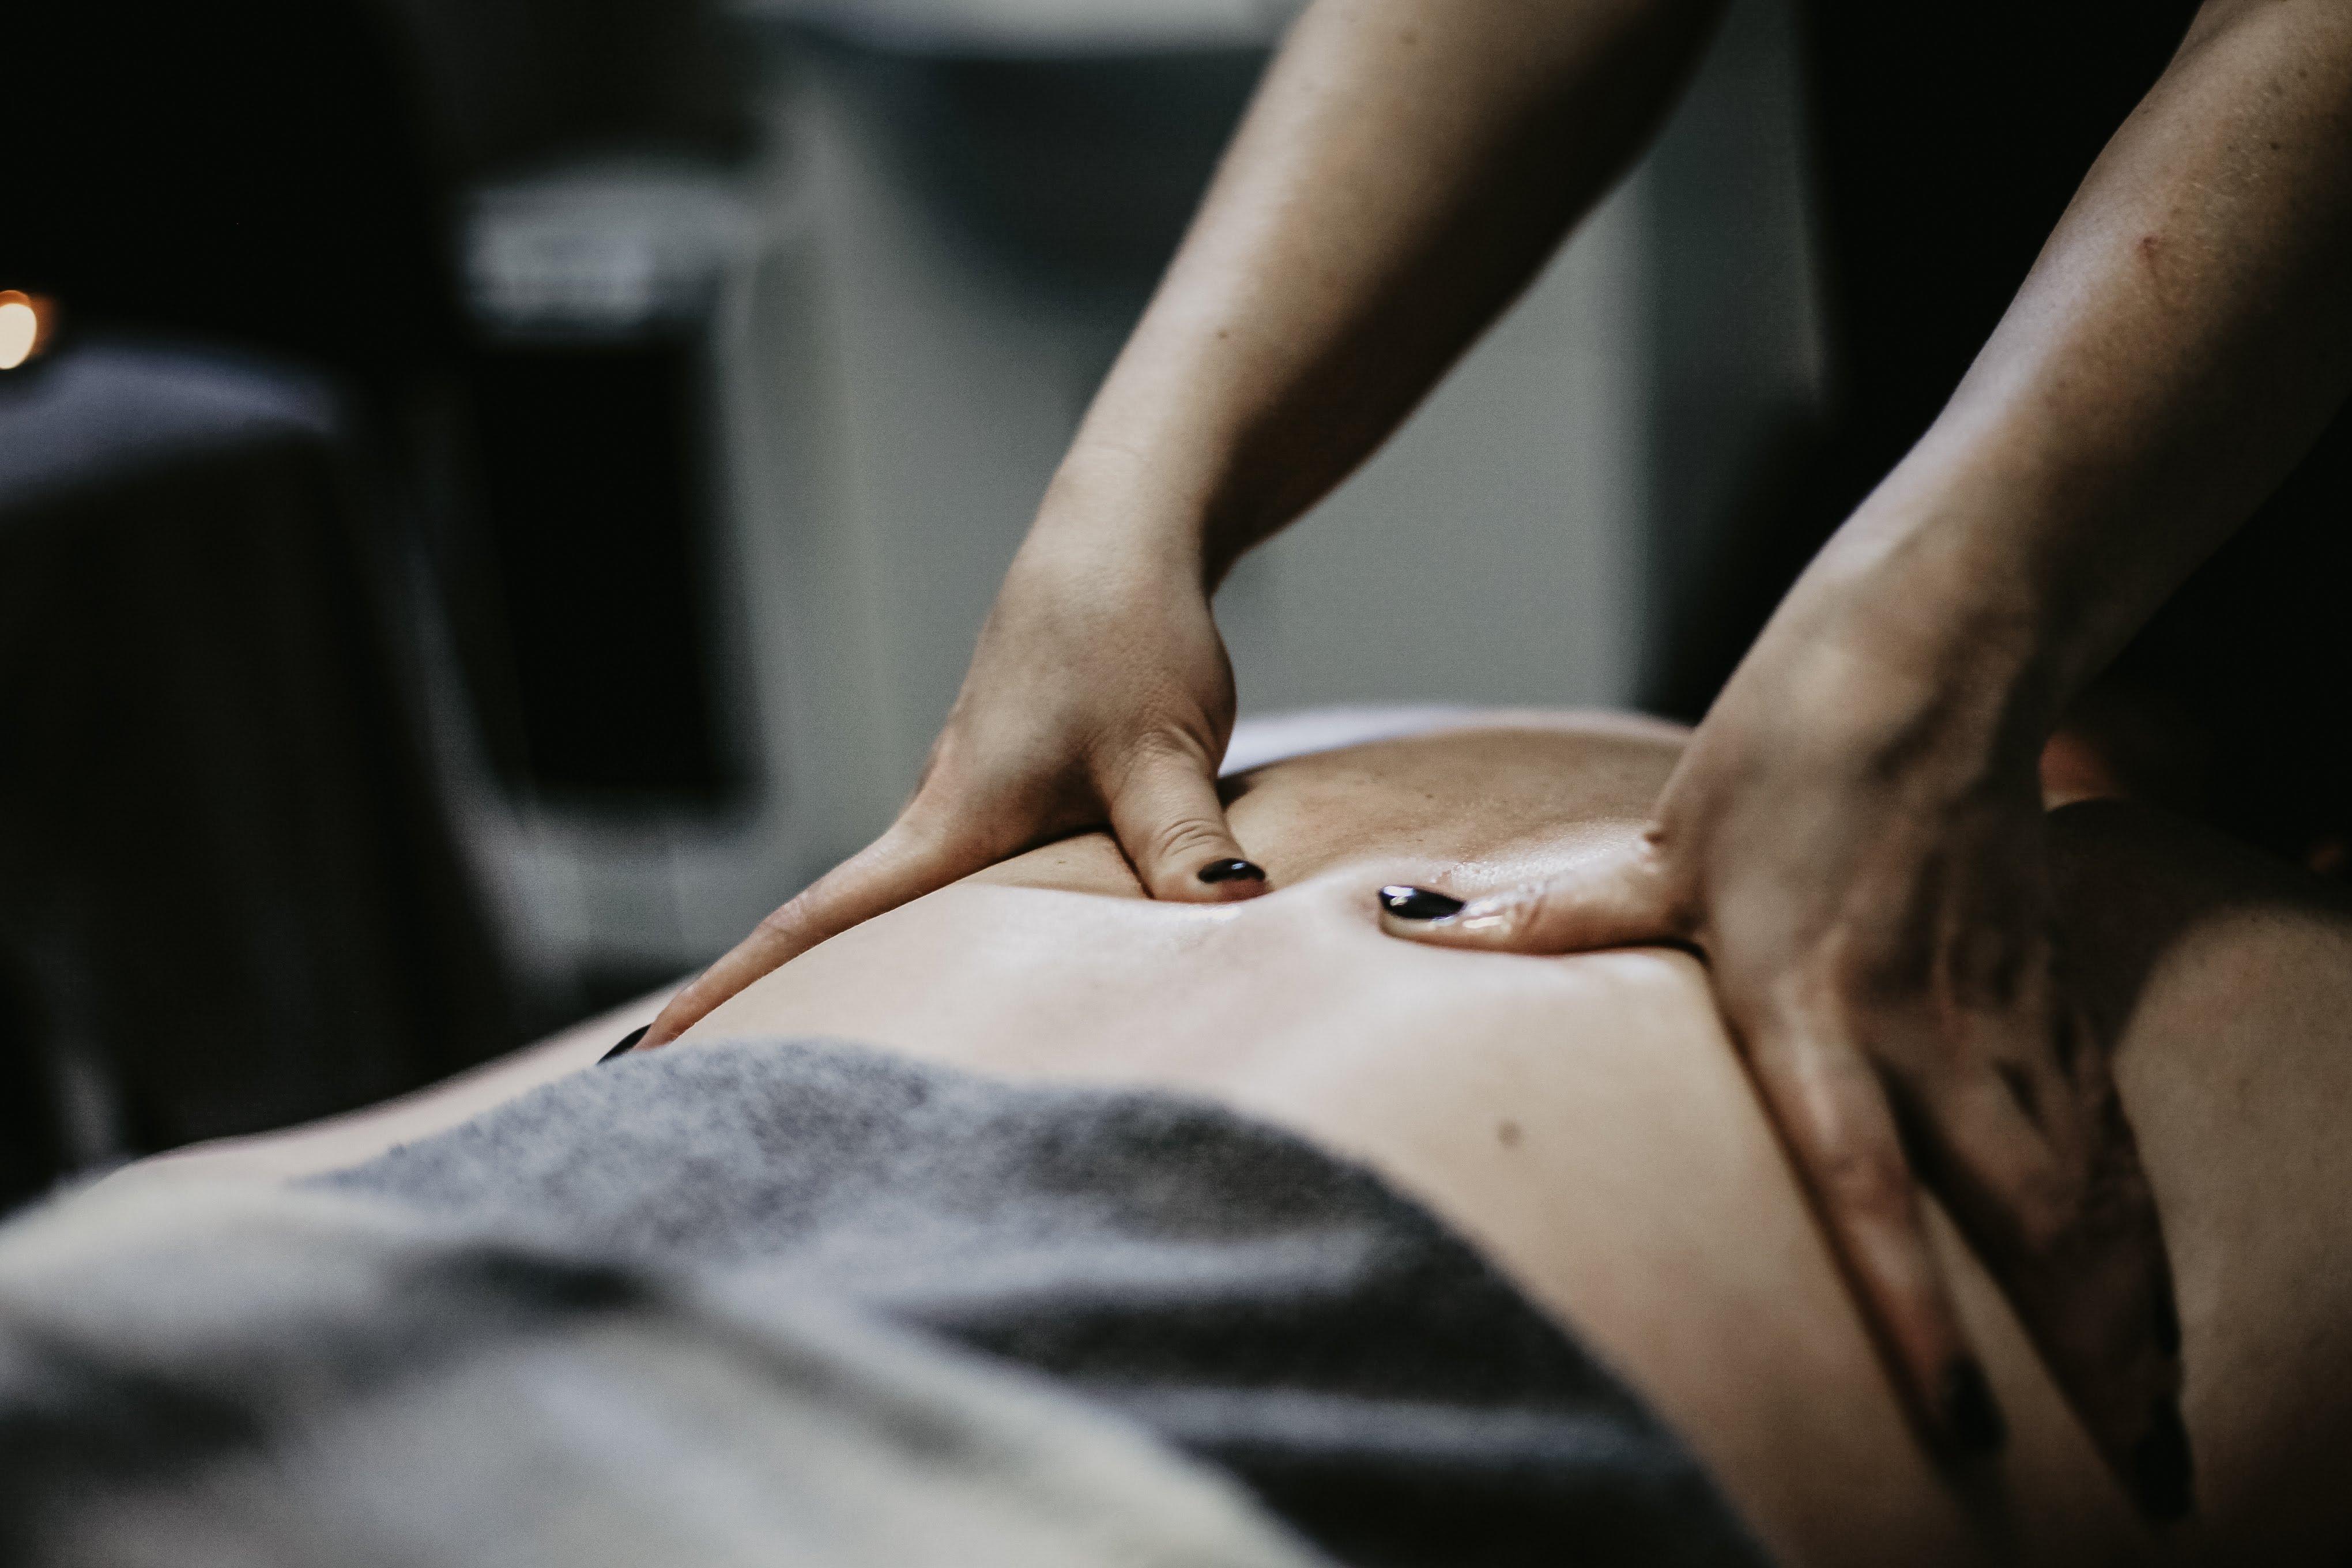 Massage Being Done